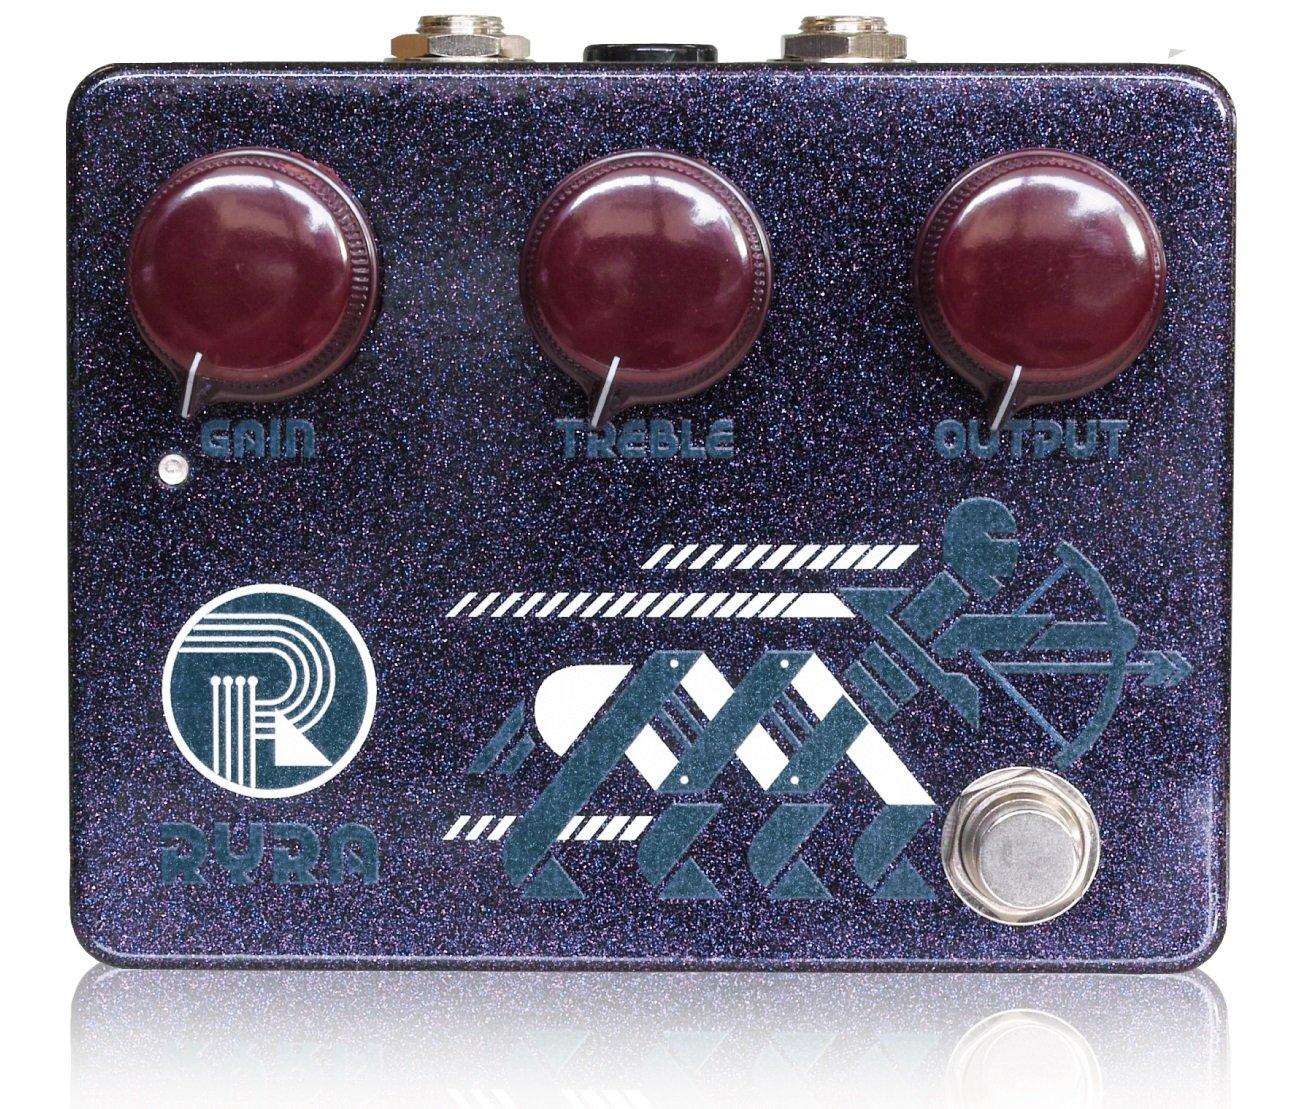 RYRA (アールワイアールエー) The Klone Klone Black B01M9FXD81 Cherry/ギターエフェクター The オーバードライブ B01M9FXD81, オオアミシラサトマチ:f9e93e62 --- ijpba.info